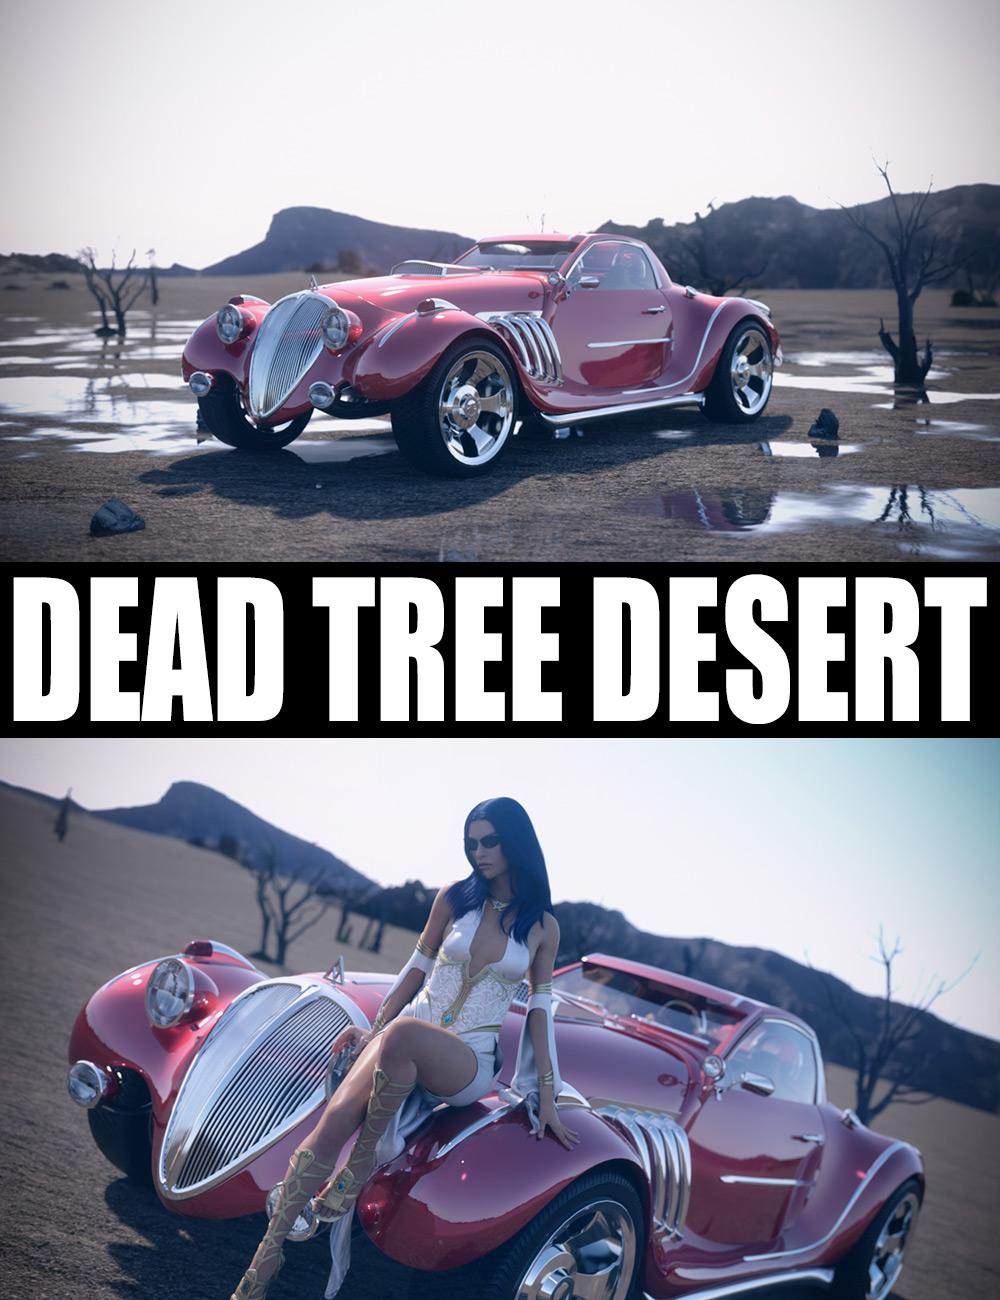 Dead Tree Desert by: Dreamlight, 3D Models by Daz 3D